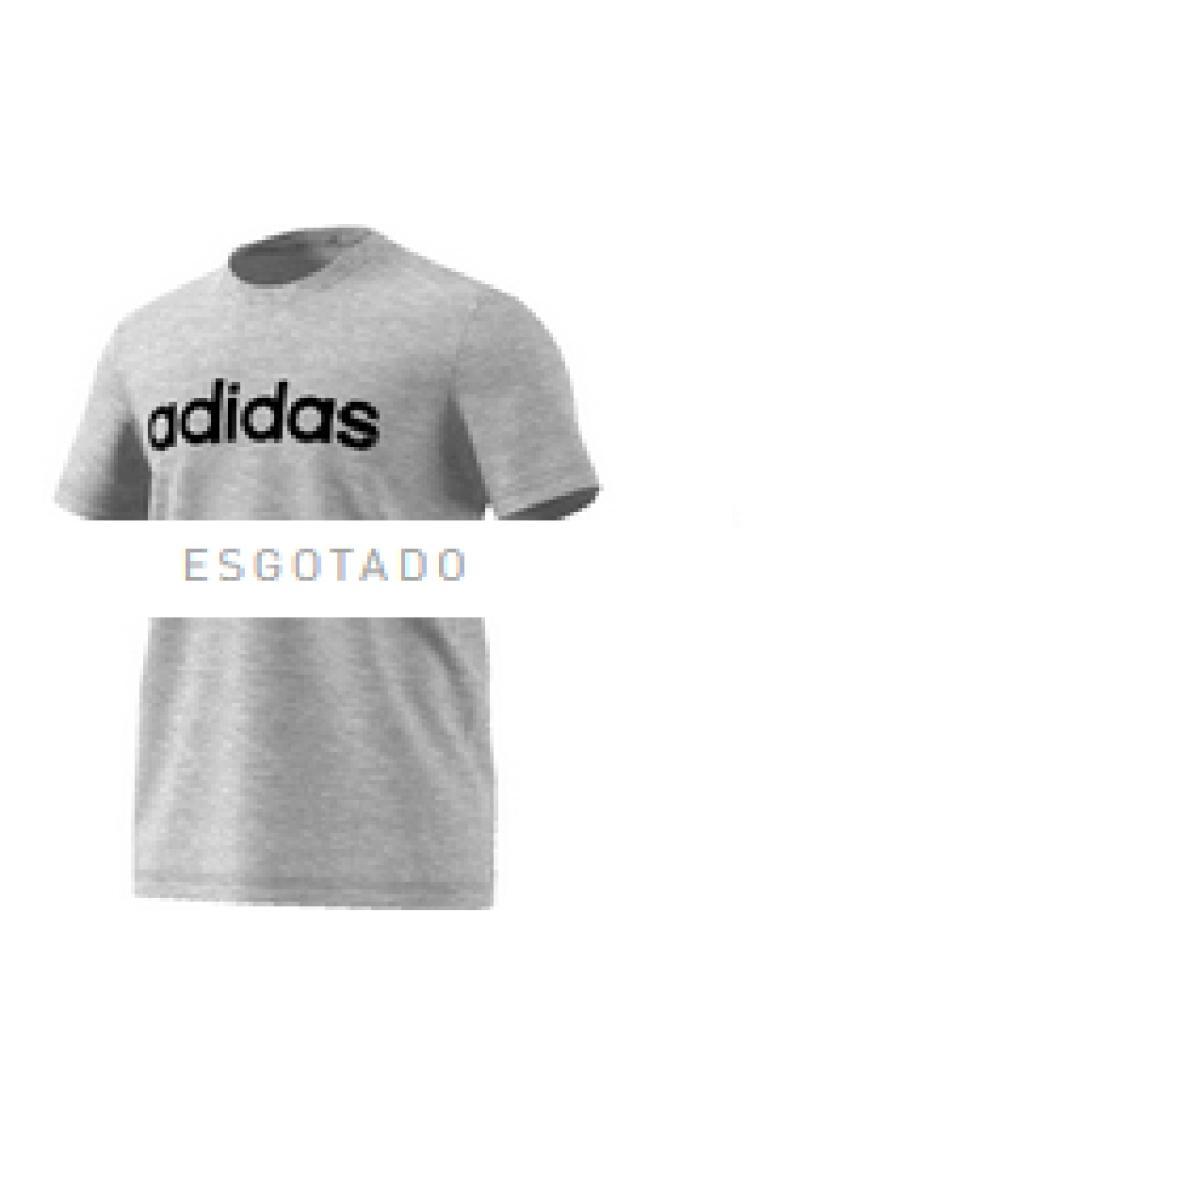 Camiseta Masculina Adidas Ei4580 m Grfx Lnr t 3 Cinza